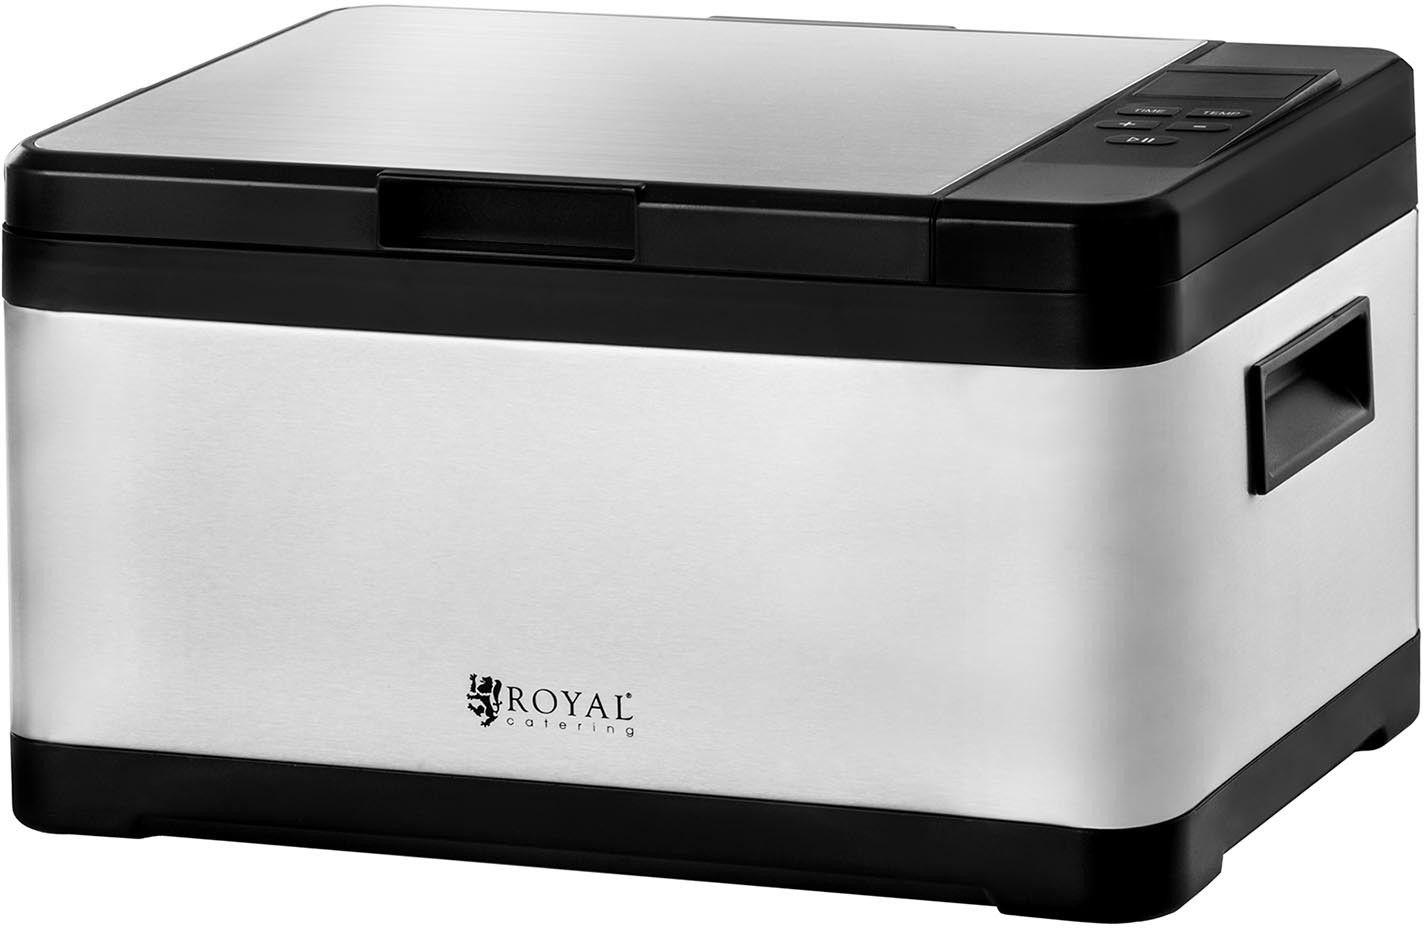 Urządzenie do gotowania sous vide - 800 W - od 0 do 90 C - Royal Catering - RCSV-01 - 3 lata gwarancji/wysyłka w 24h